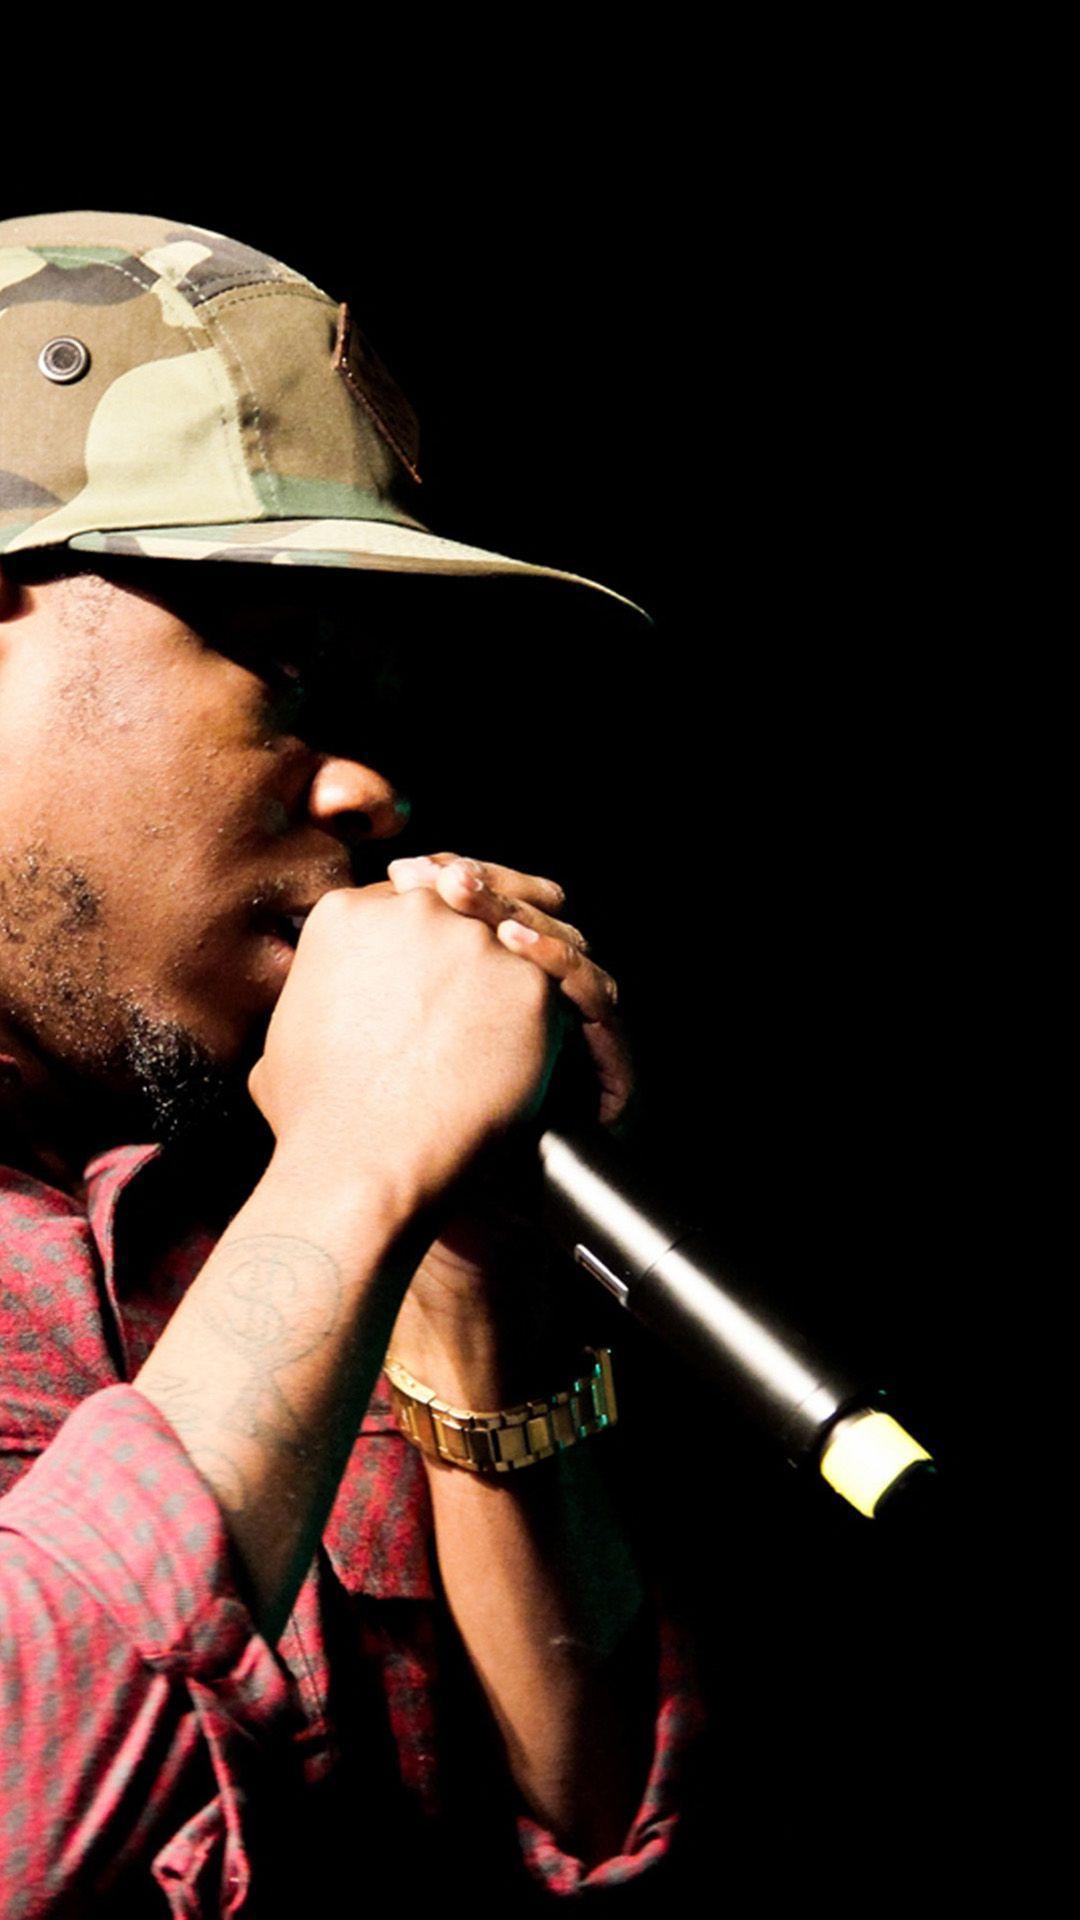 Kendrick lamar wallpaper iphone 6 - Kendrick Lamar Wallpapers For Iphone 7 Iphone 7 Plus Iphone 6 Plus